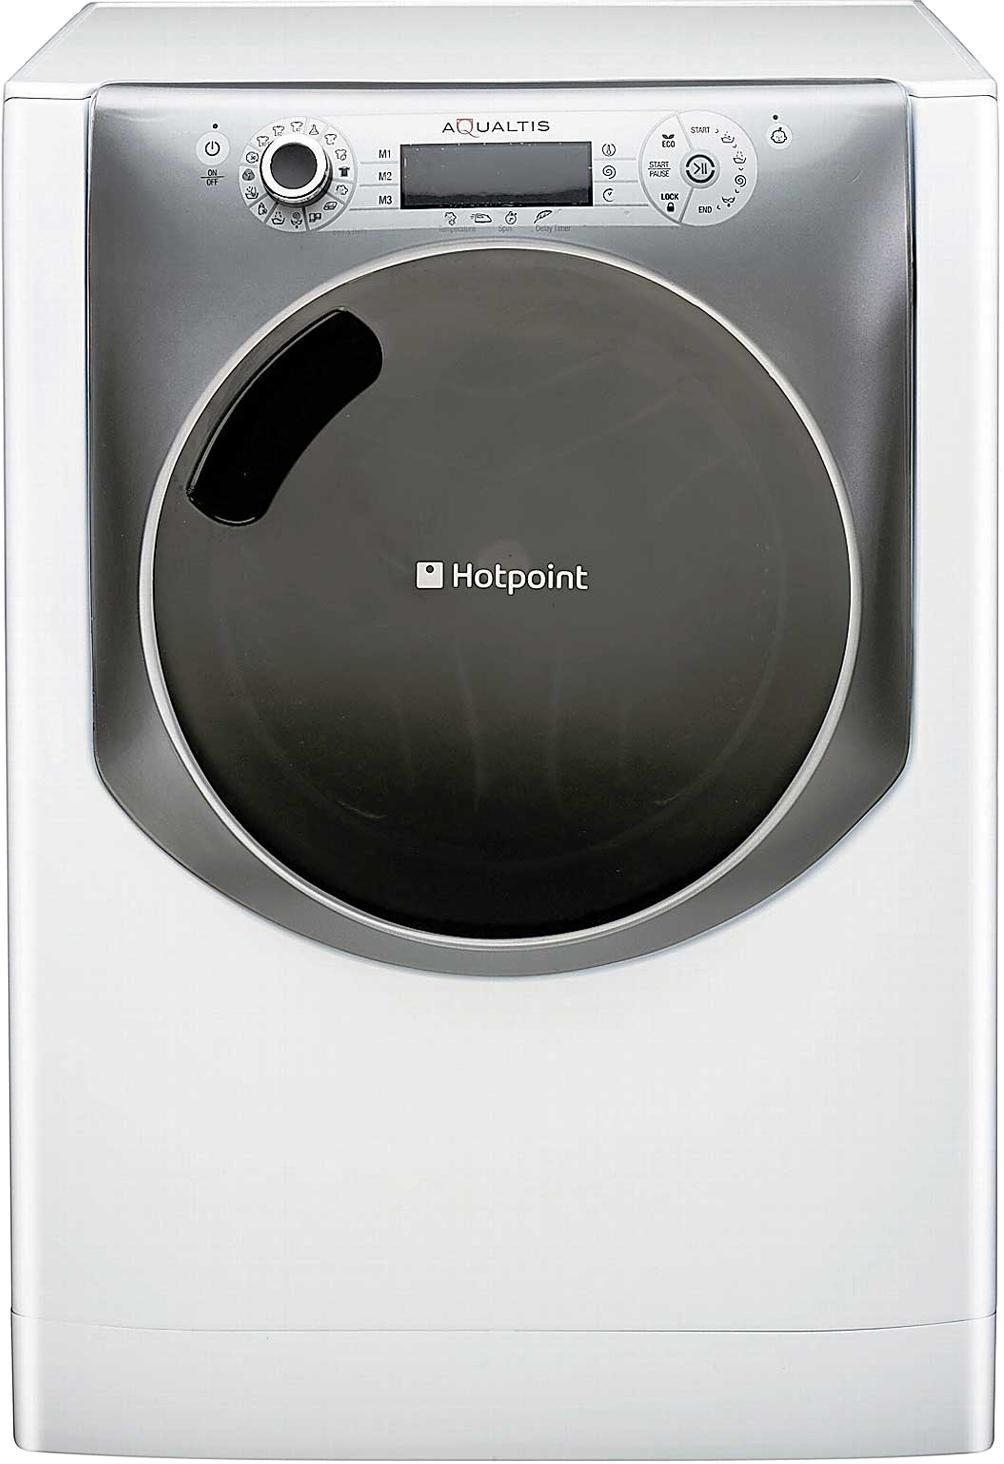 Hotpoint AQ113F 497i